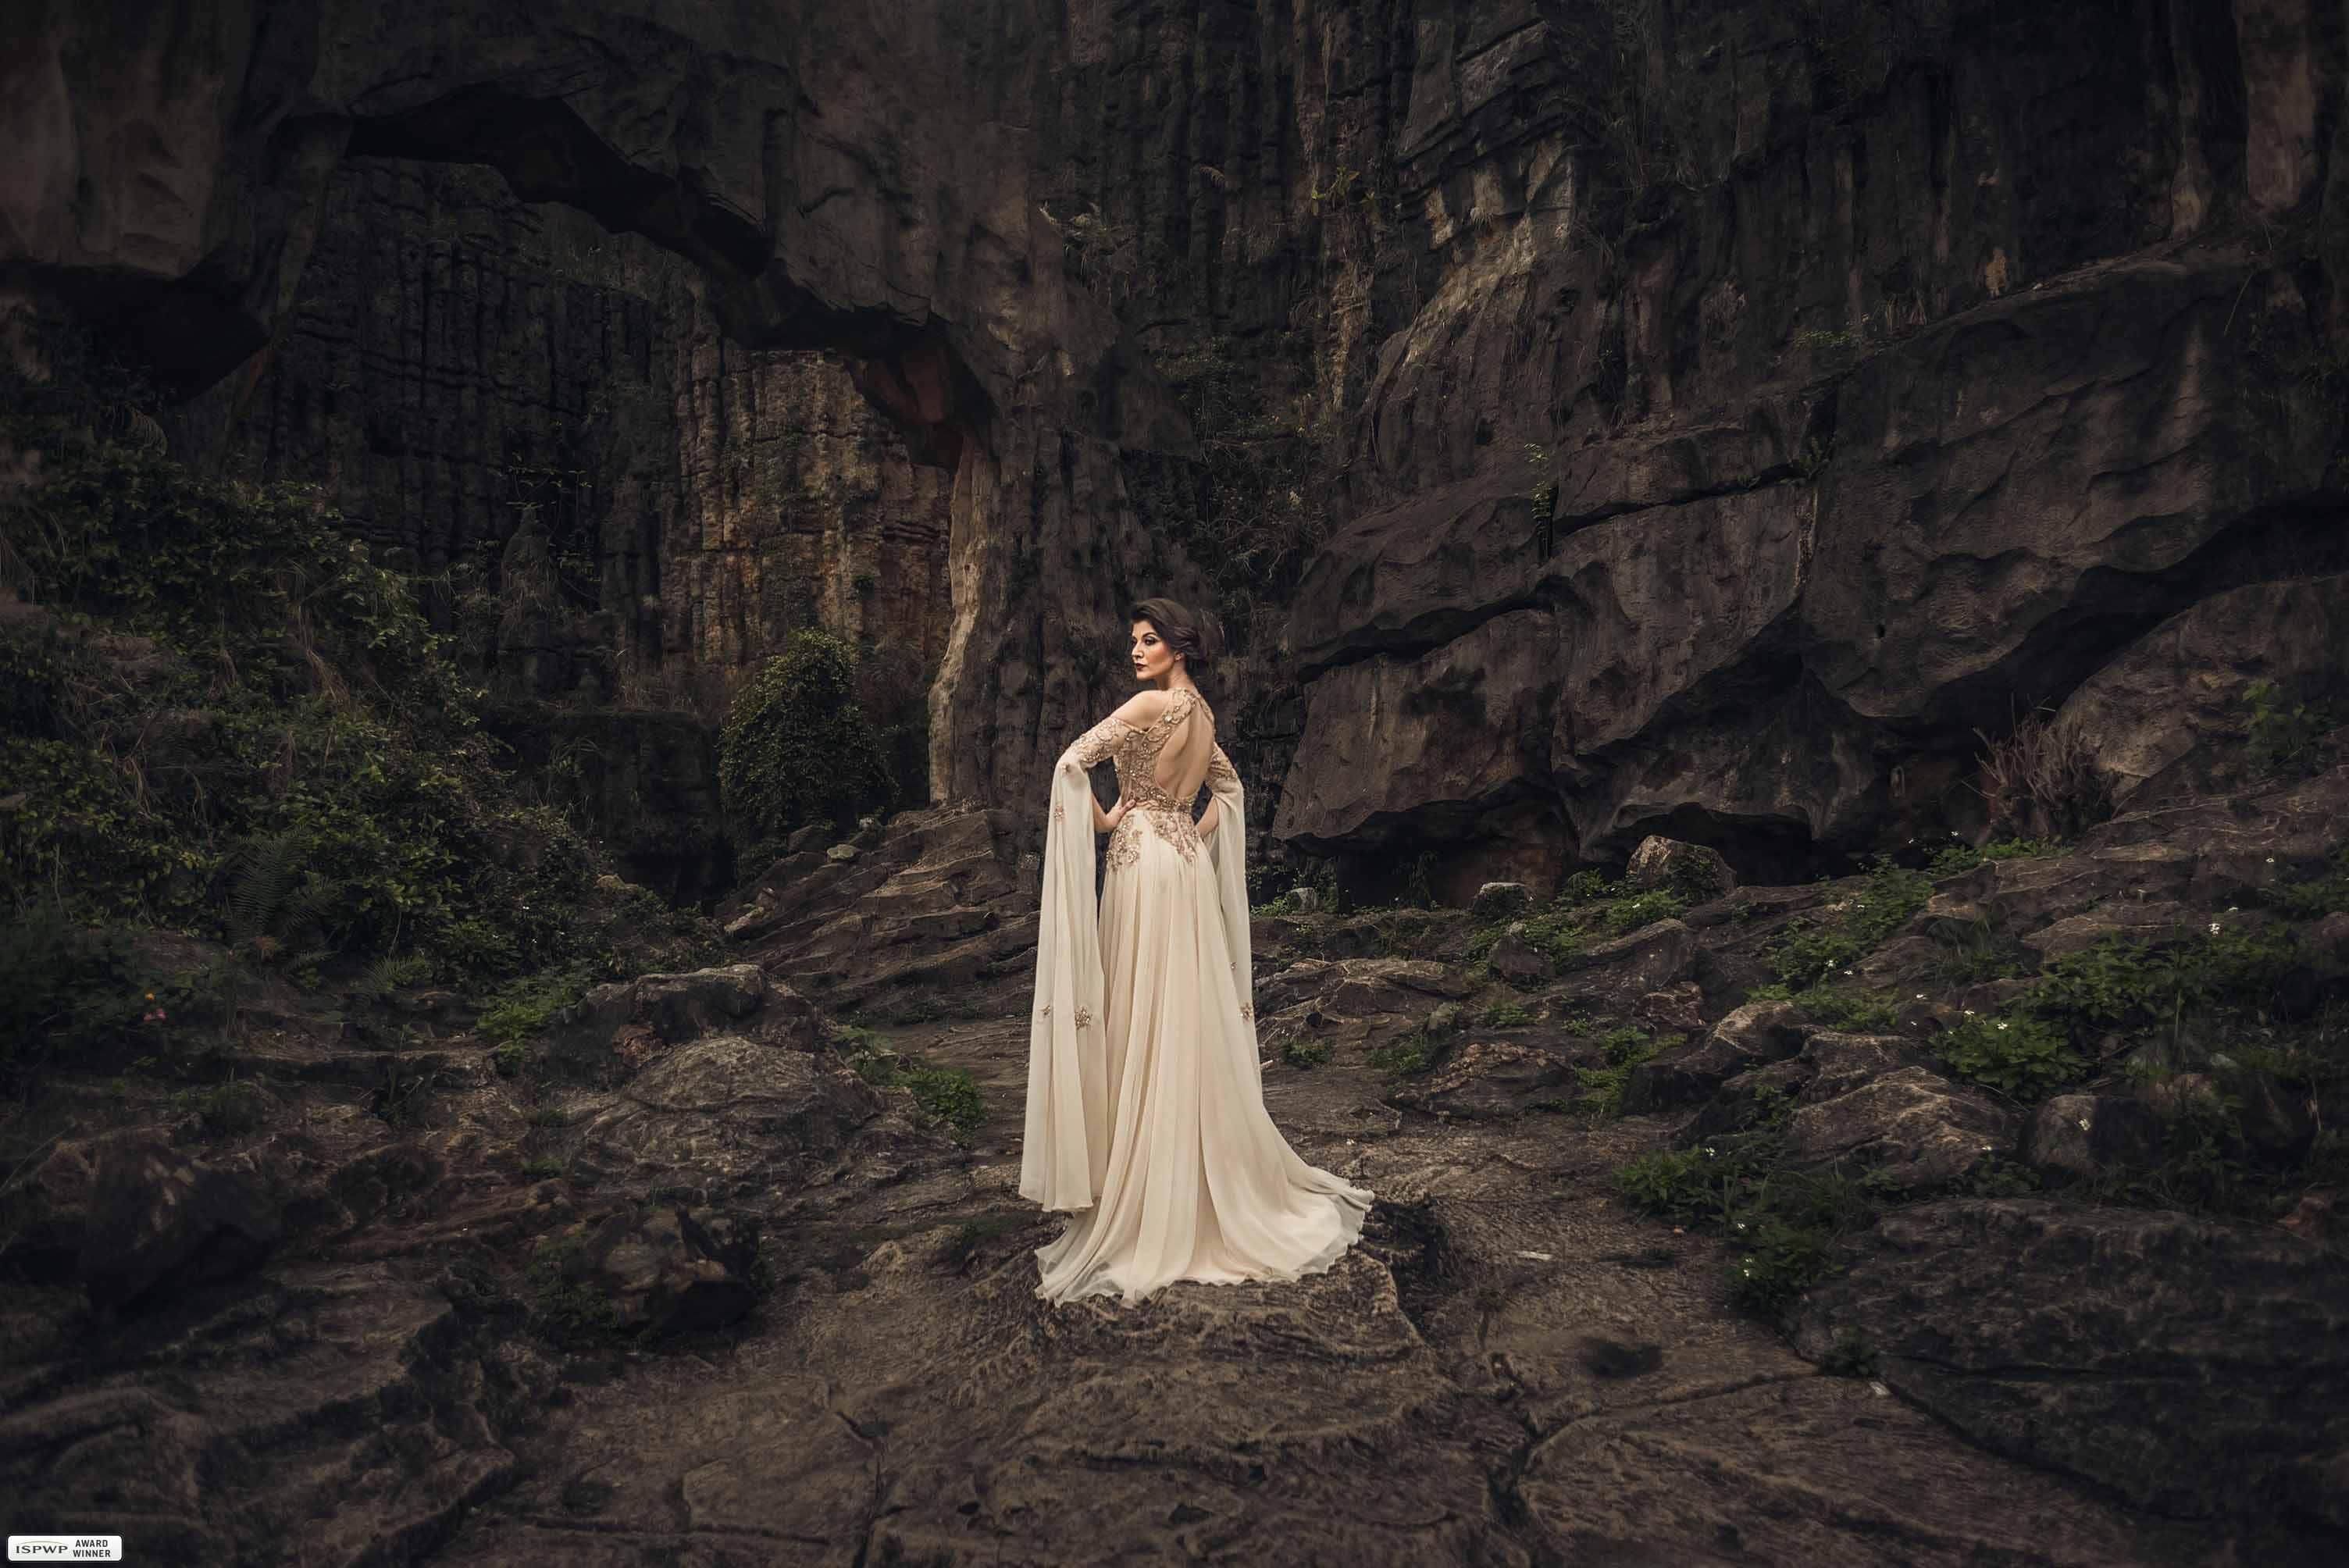 Hanna Alain, Laval, Quebec wedding photographer